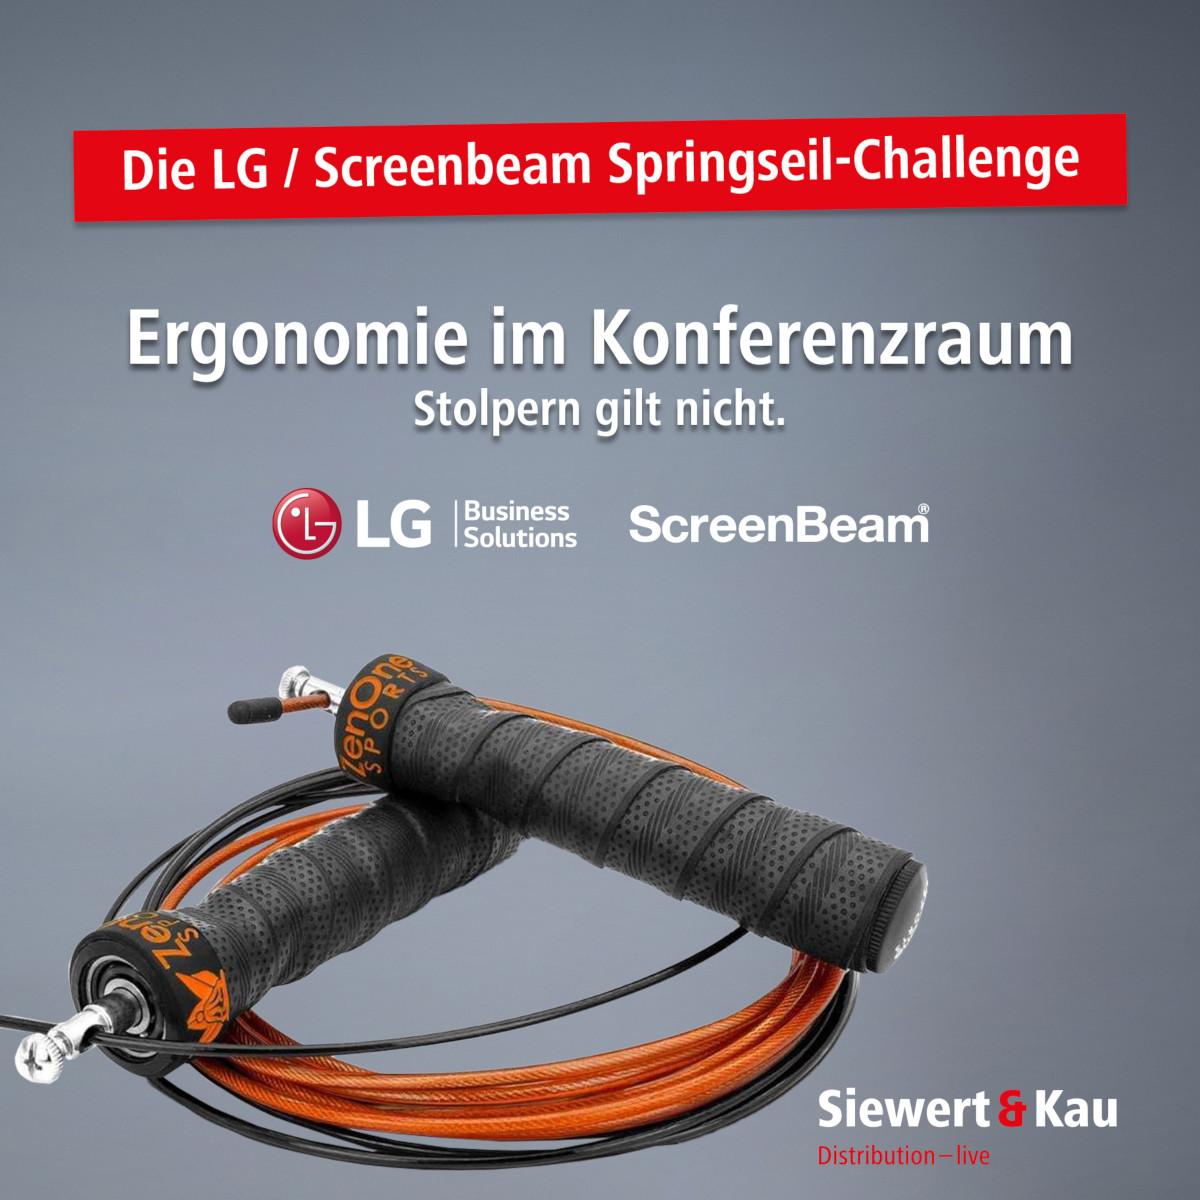 Spingseil Challenge von Siewert & Kau (Foto: Unternehmen)